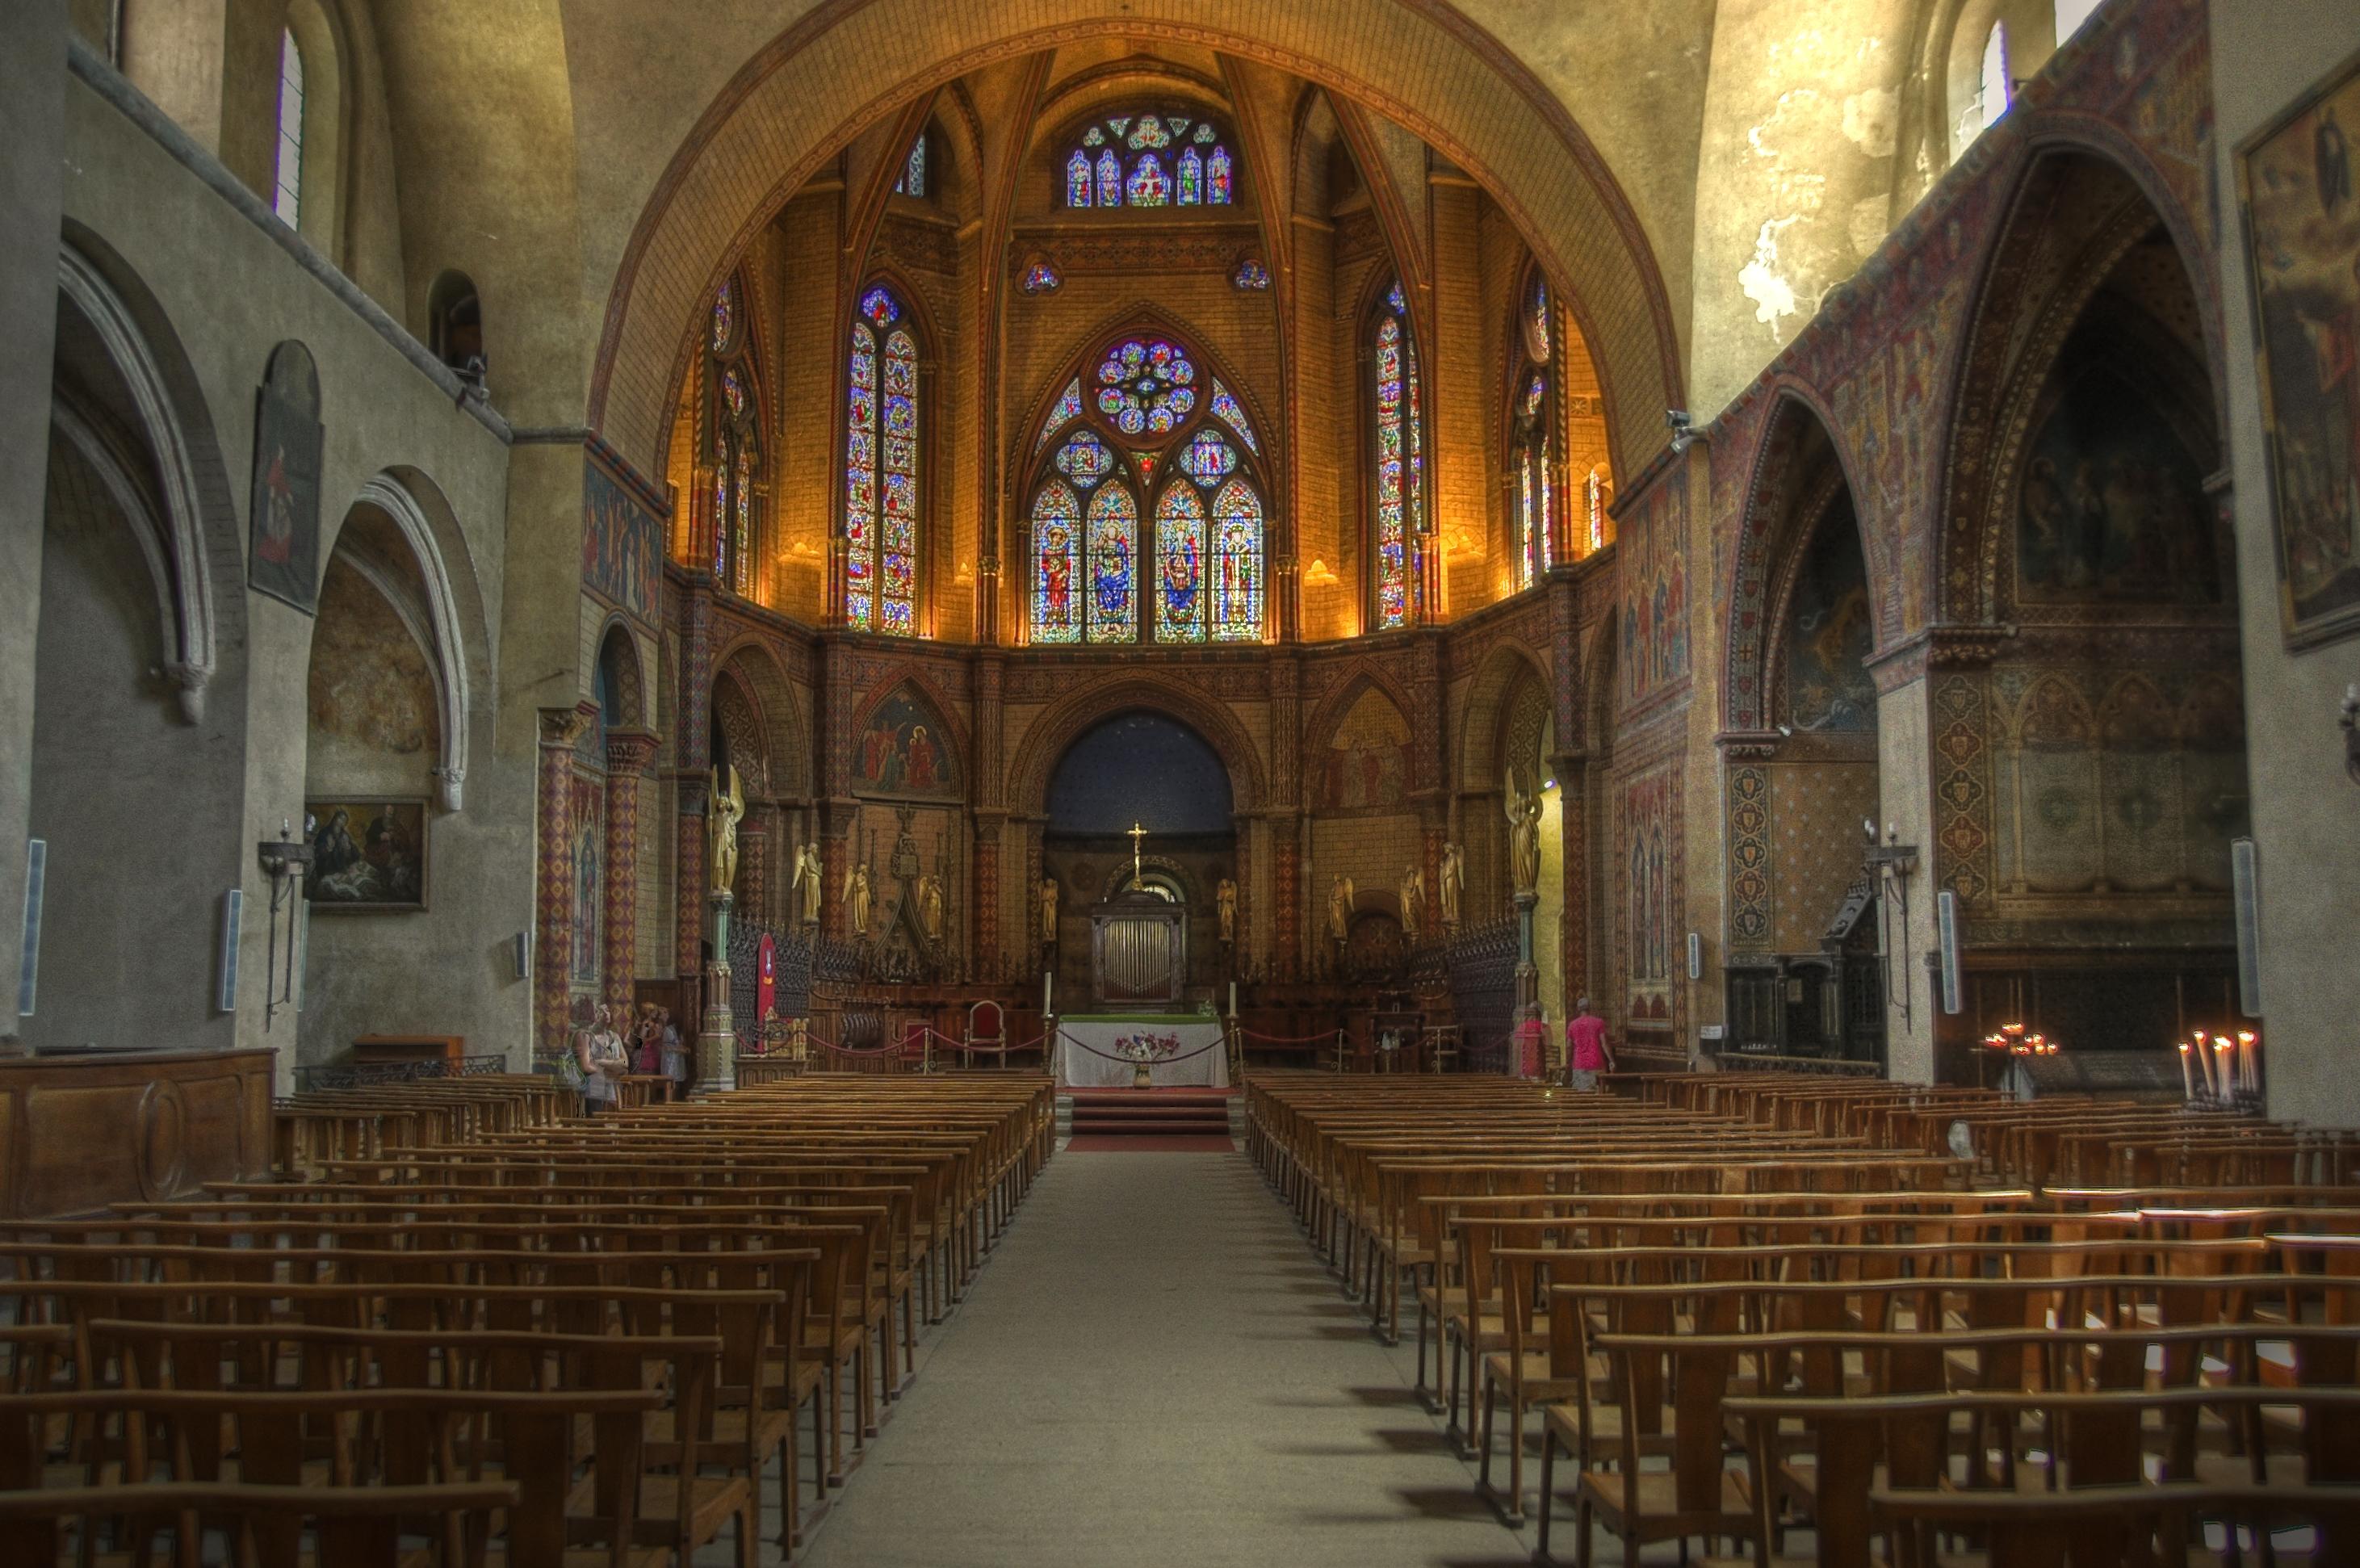 Cath drale saint etienne de cahors - Cathedrale saint etienne de cahors ...